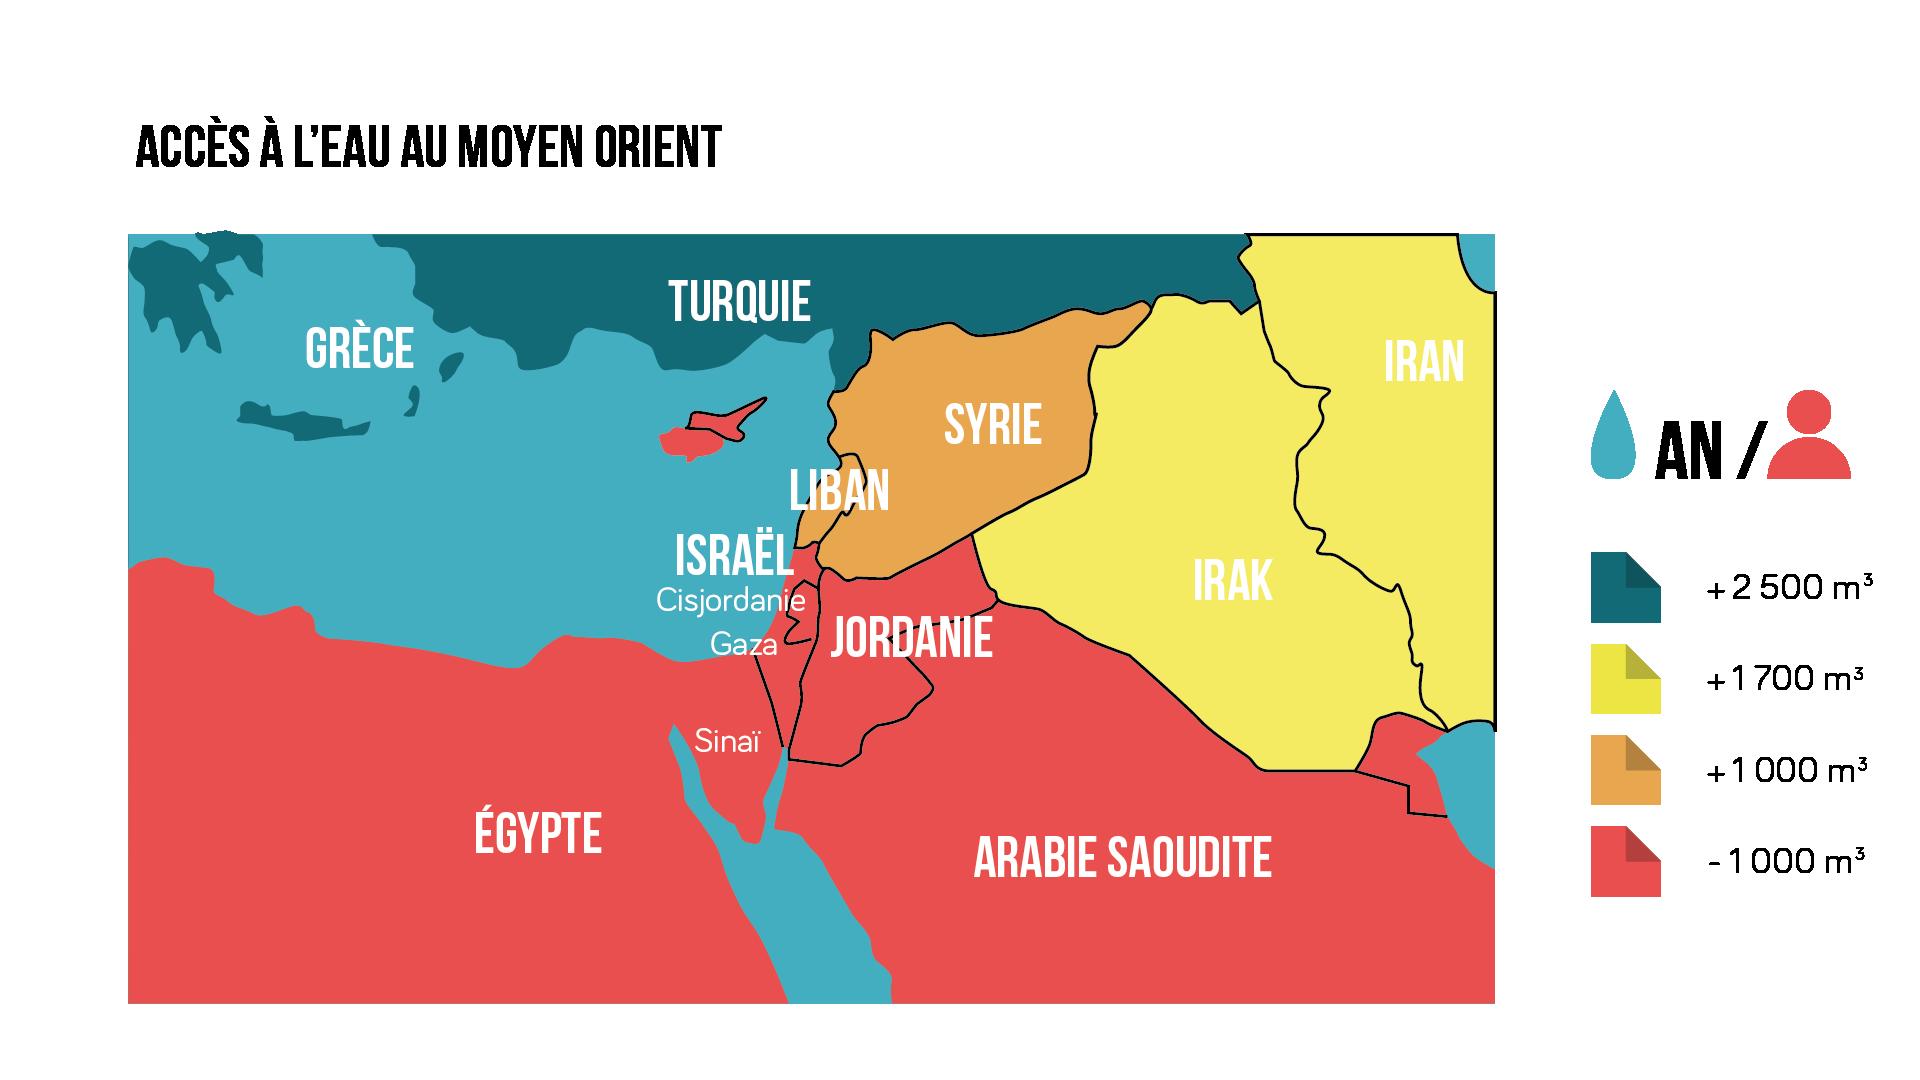 L'accès à l'eau au Moyen-Orient Géographie seconde